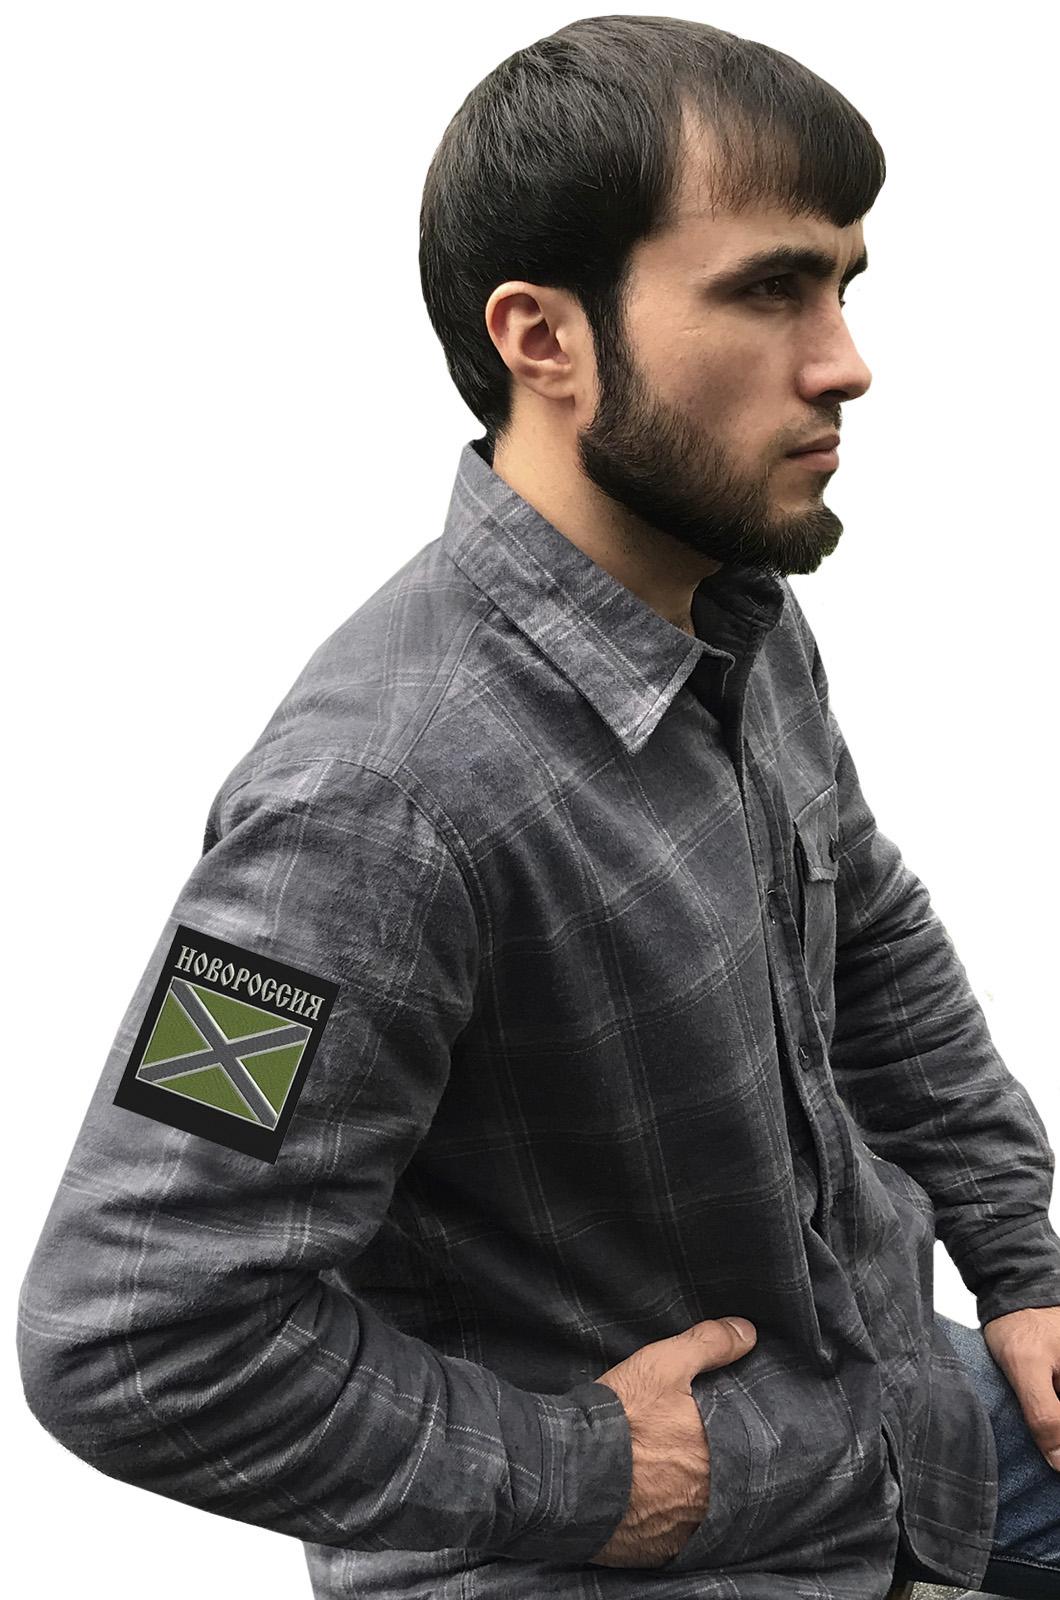 Крутая рубашка с вышитым полевым шевроном Новороссия - купить онлайн